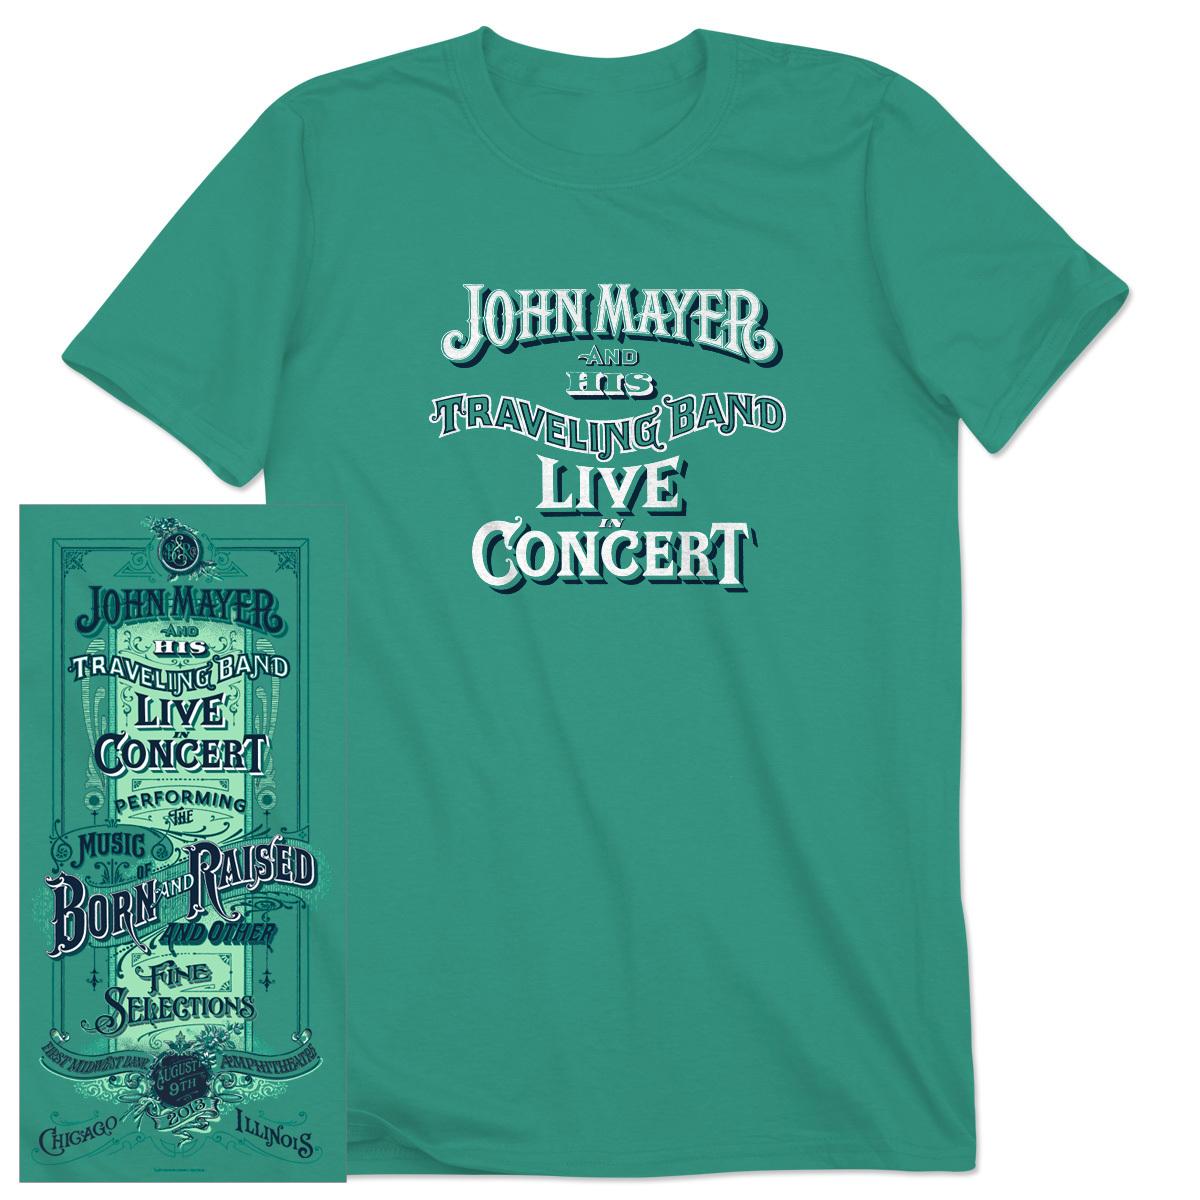 Tinley Park, IL Event T-Shirt